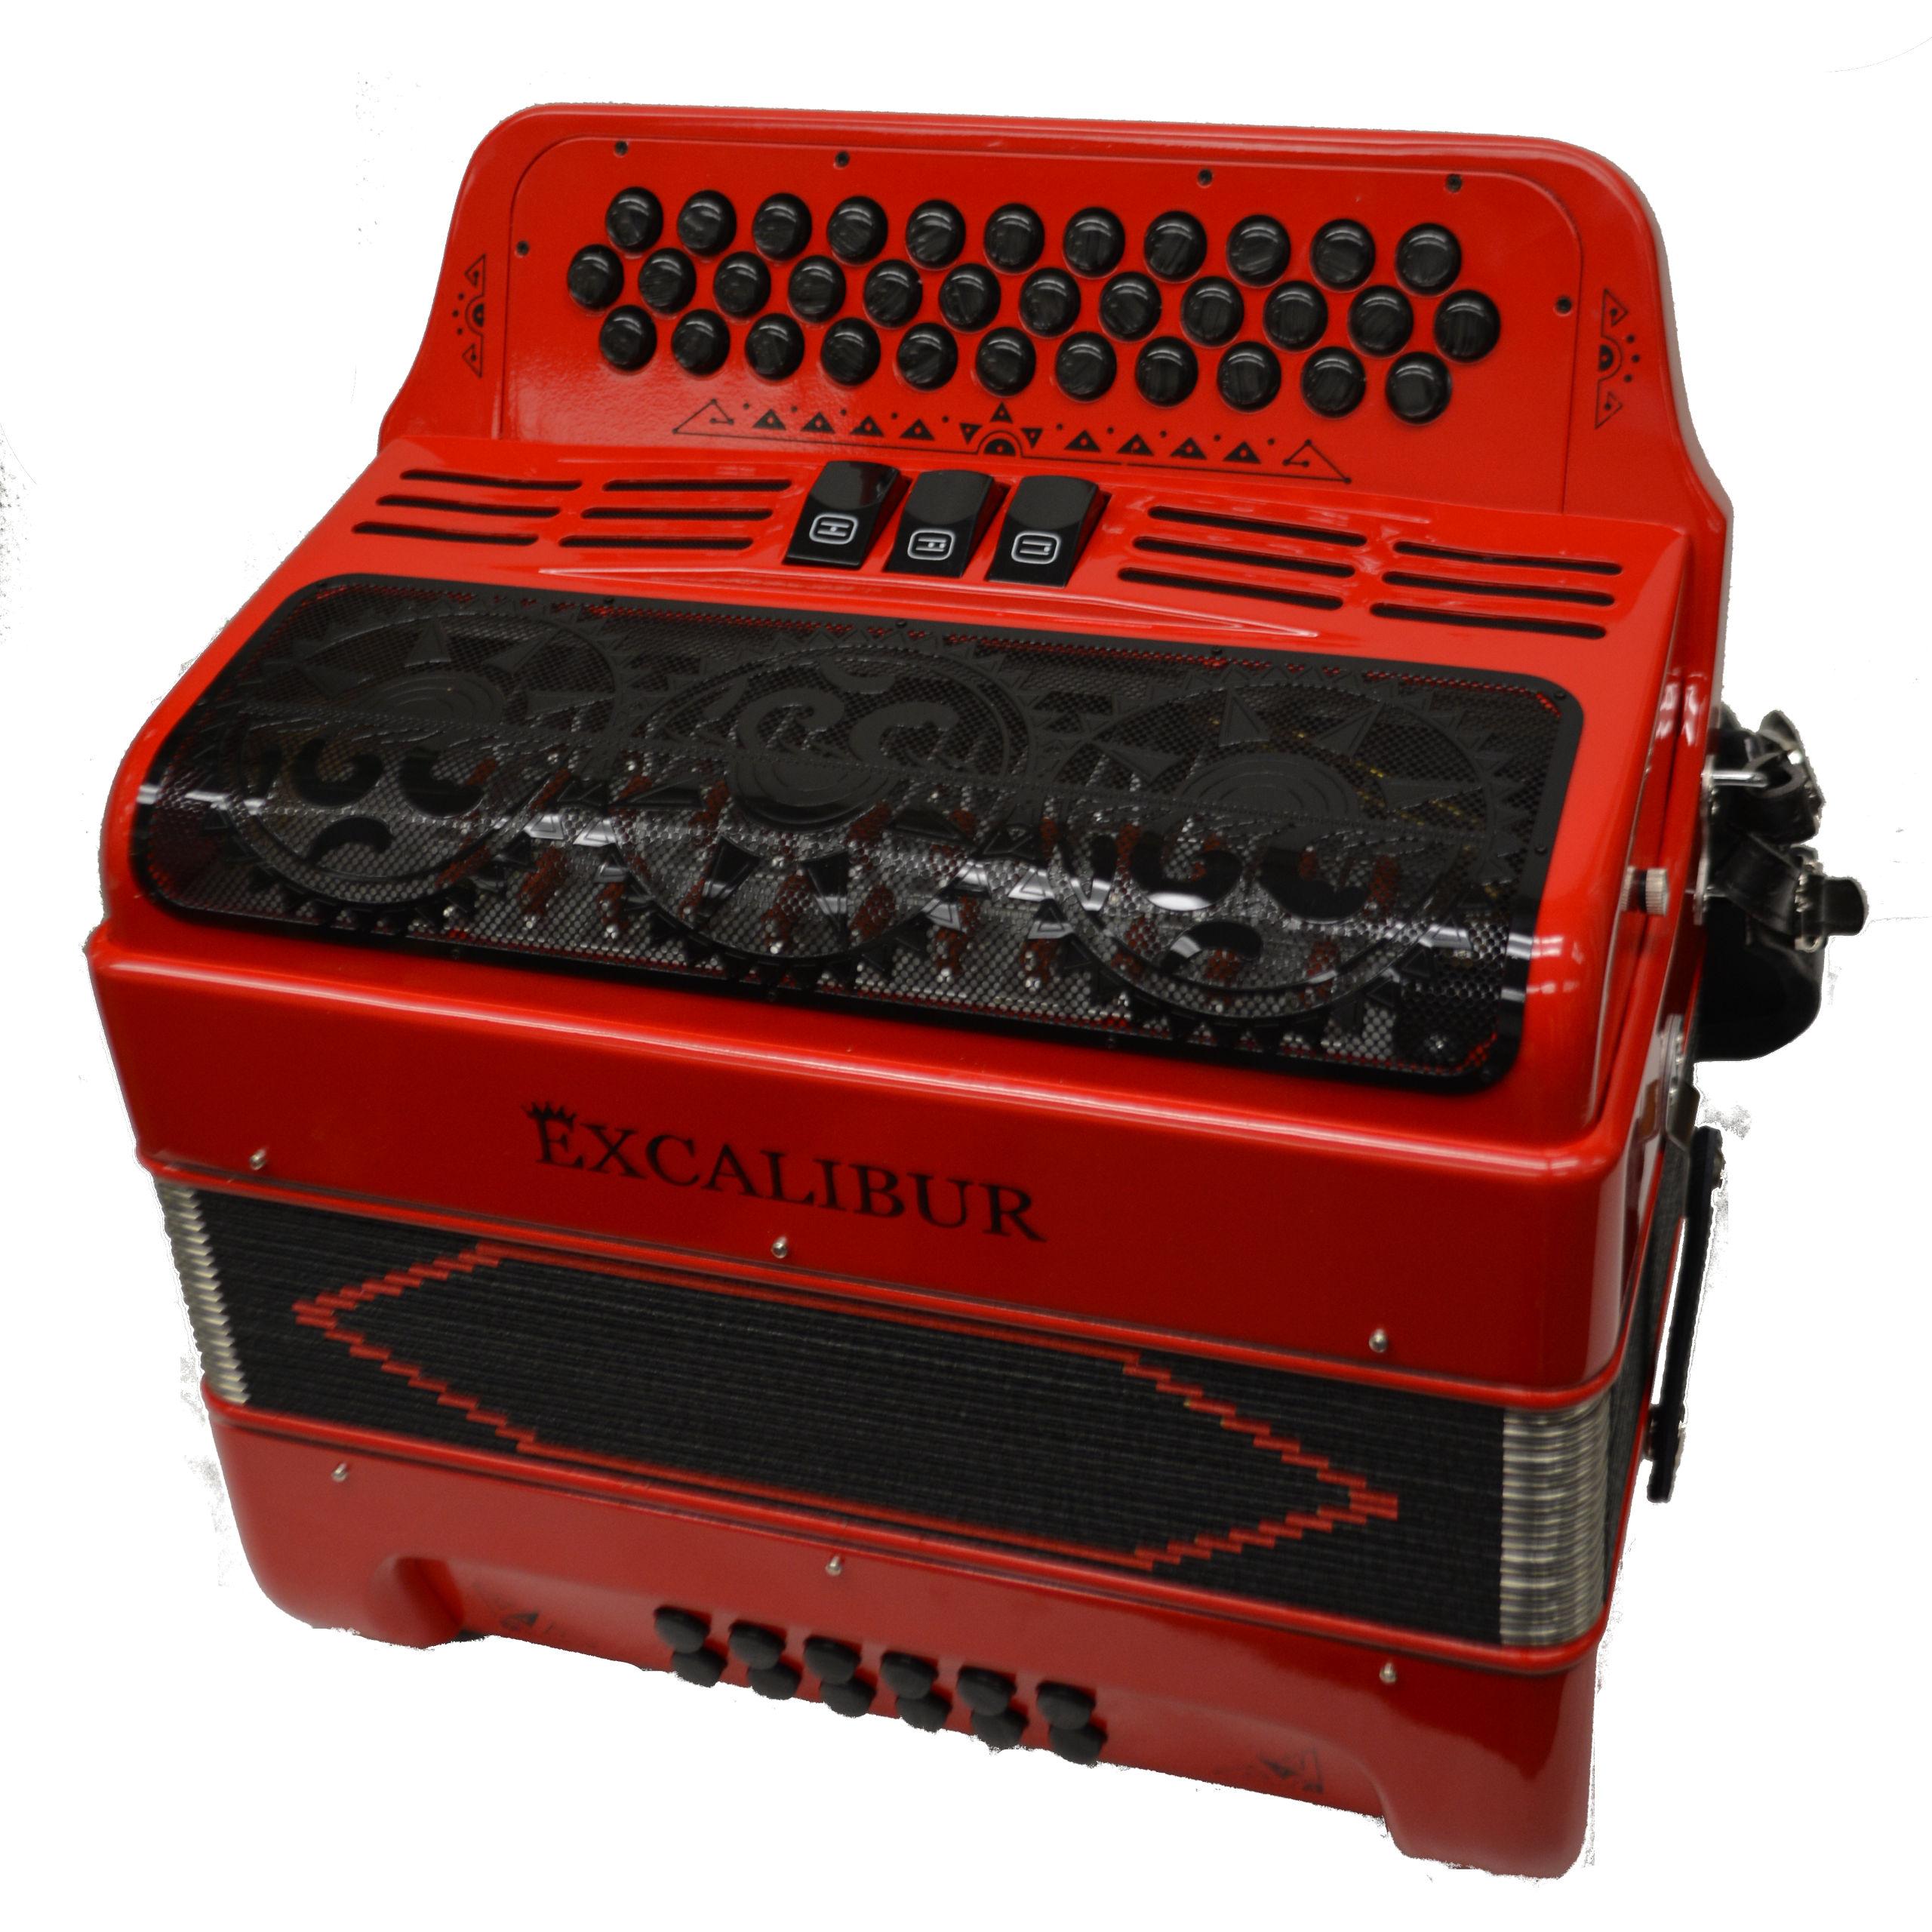 Excalibur Super Classic PSI 34 Key Ferrari Red Polish